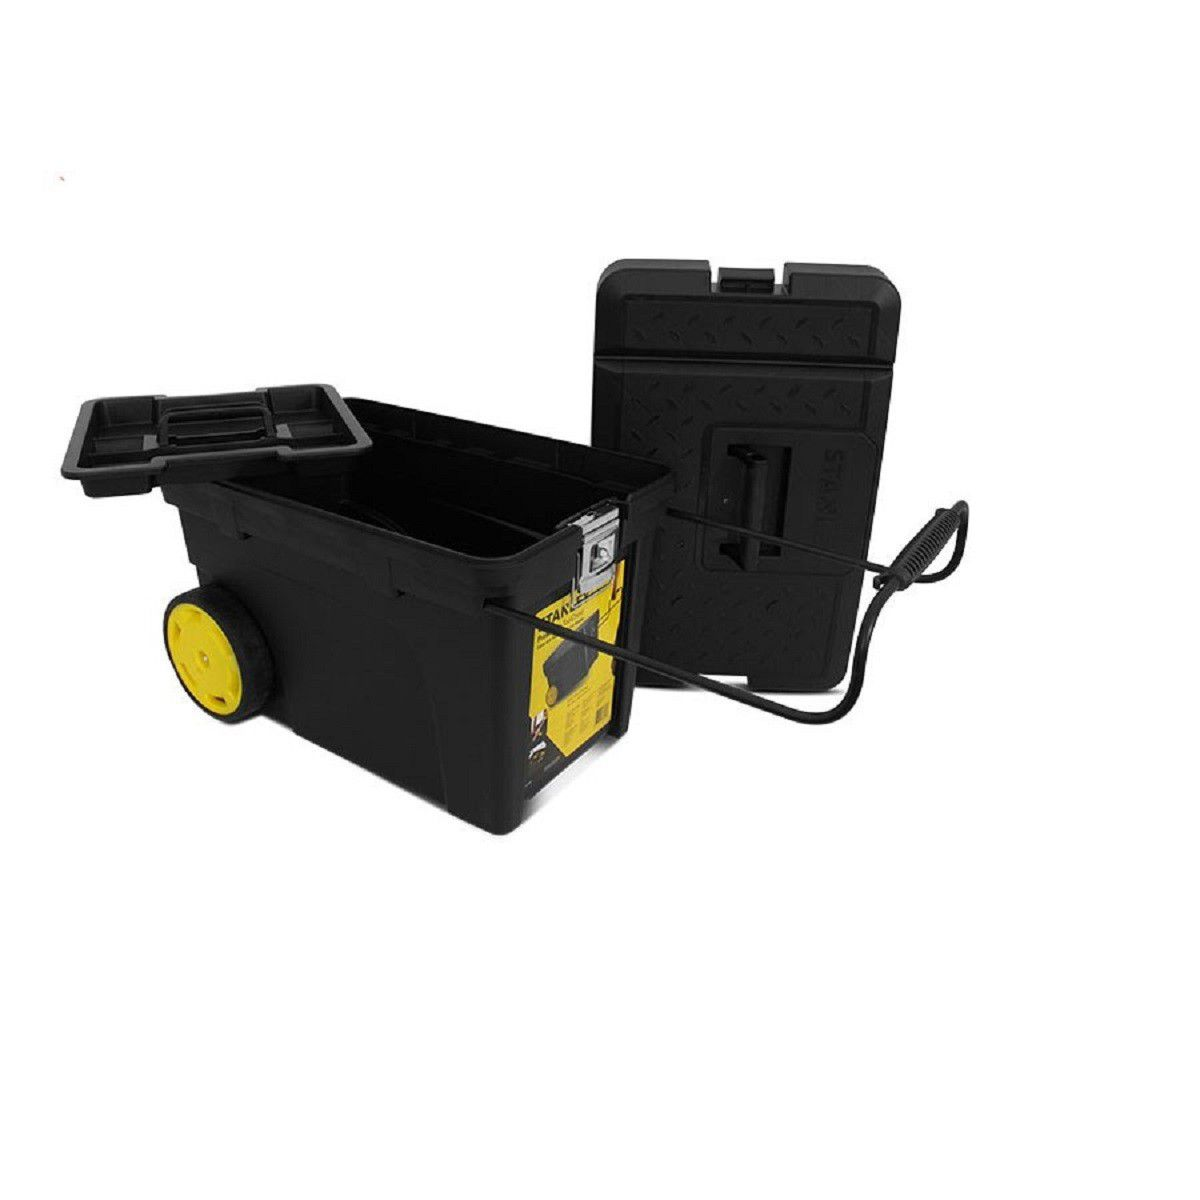 Caixa Contractor com Rodas e Alça STST33027 Stanley